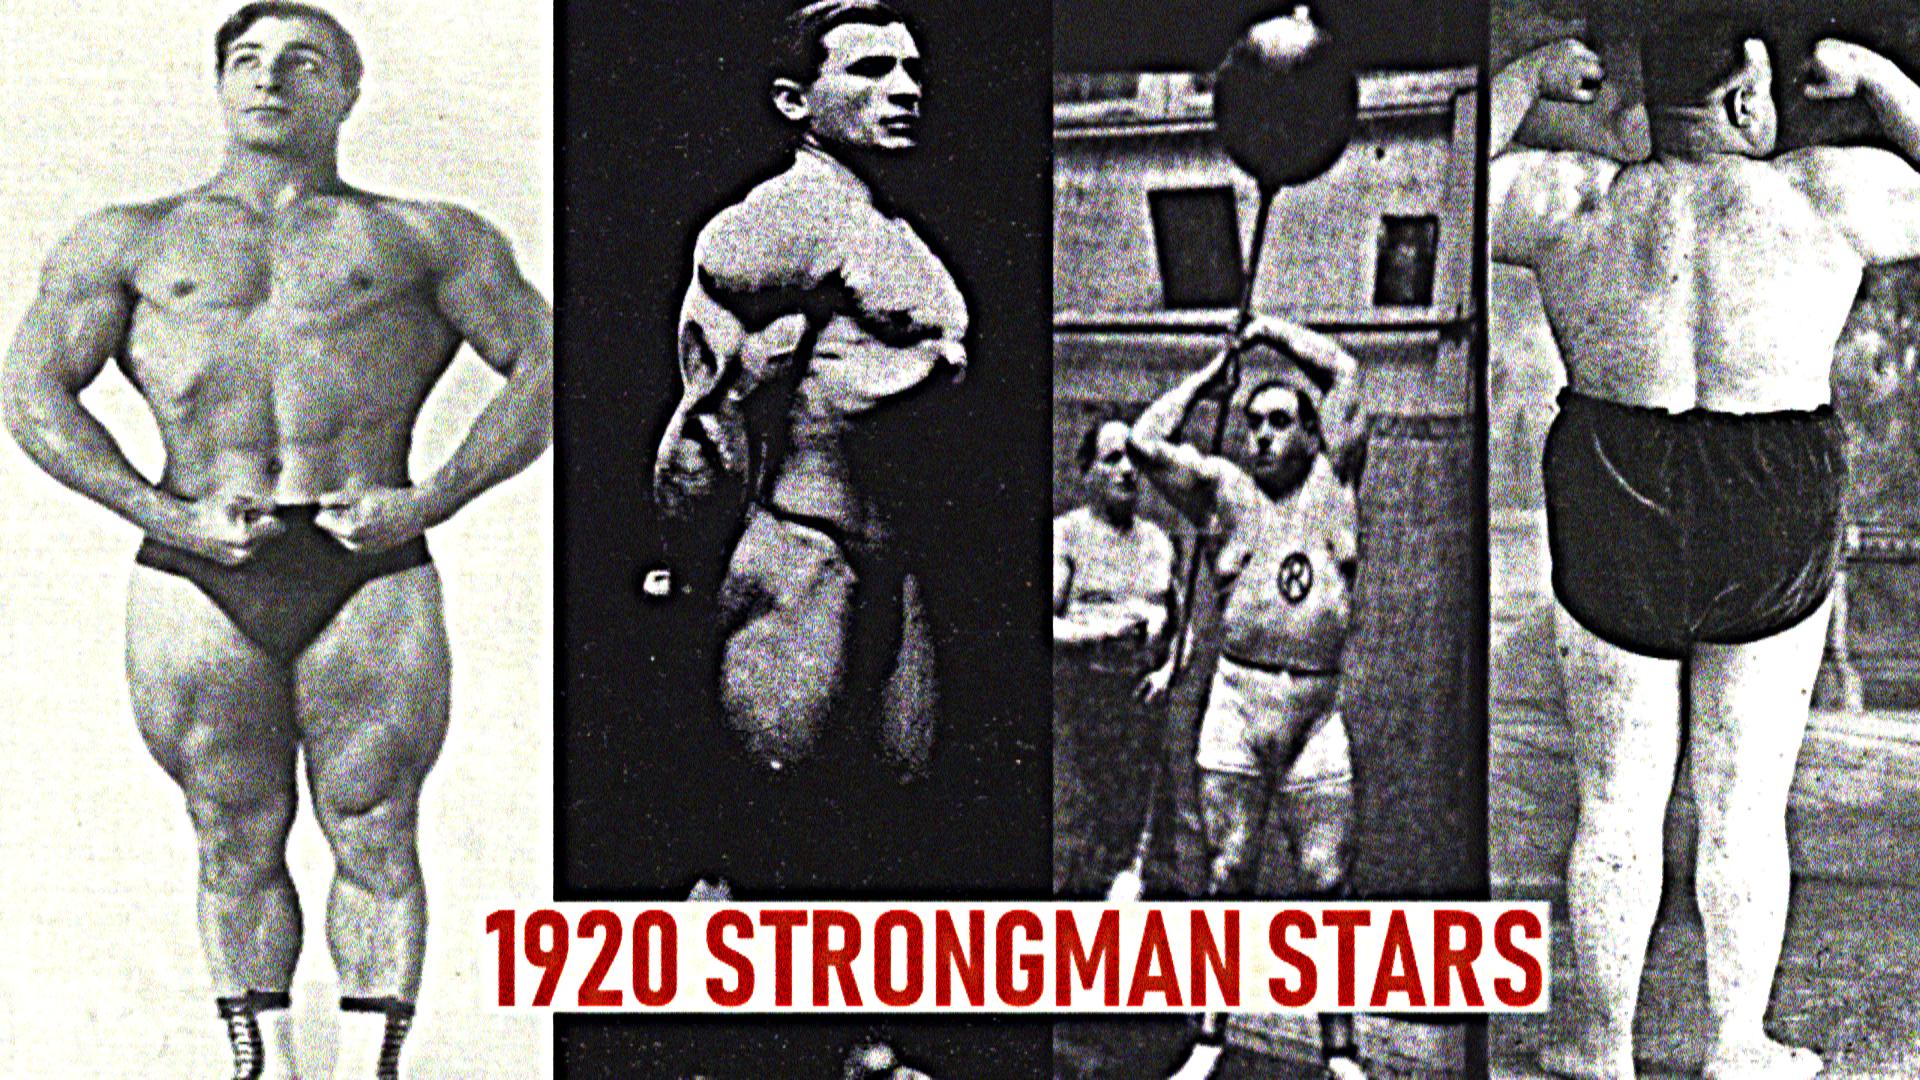 1920 strongman world war